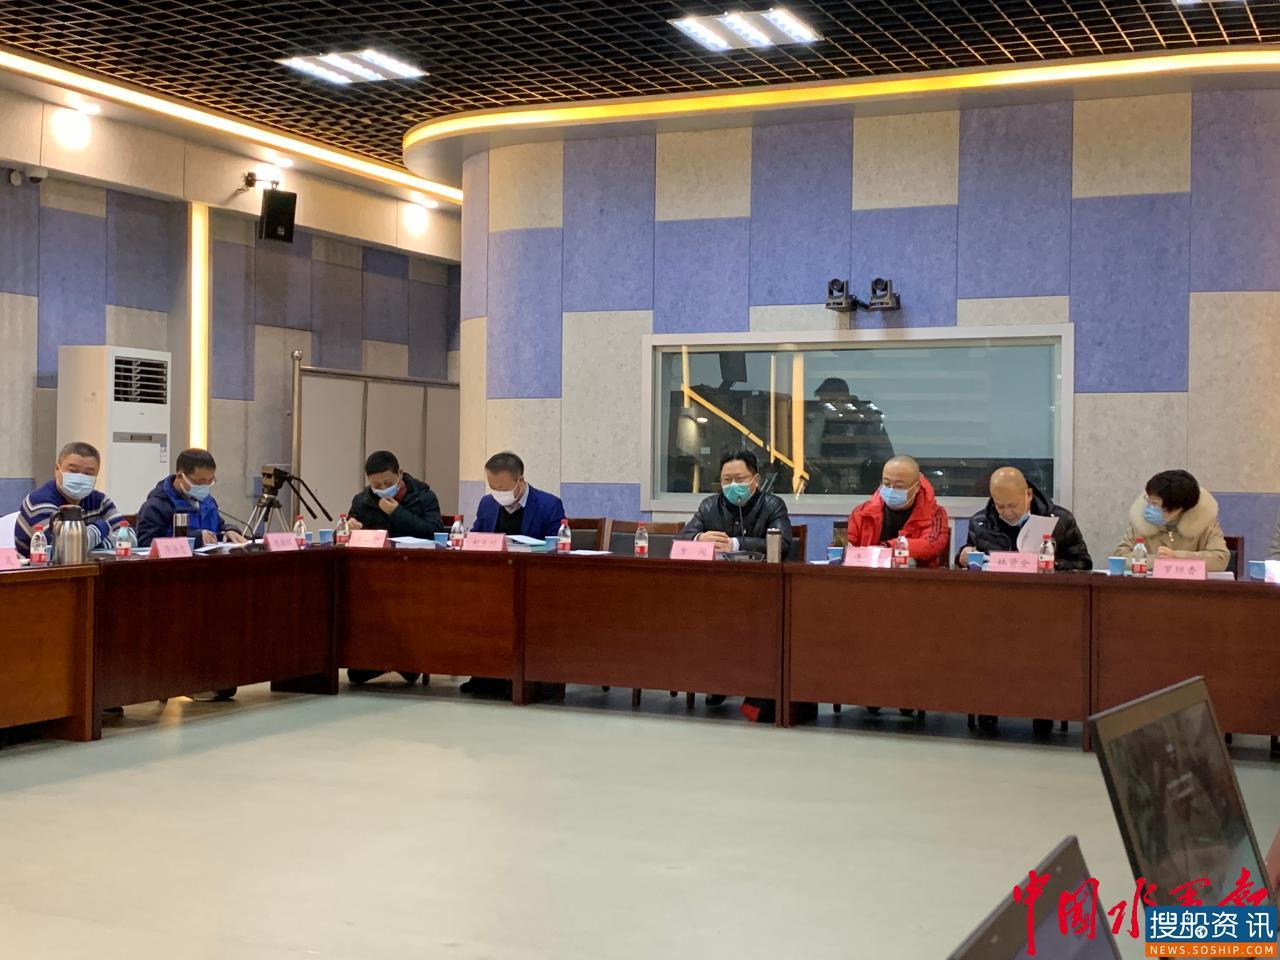 中国船级社召开《钢质远洋渔船建造规范》新技术研究专家评审会